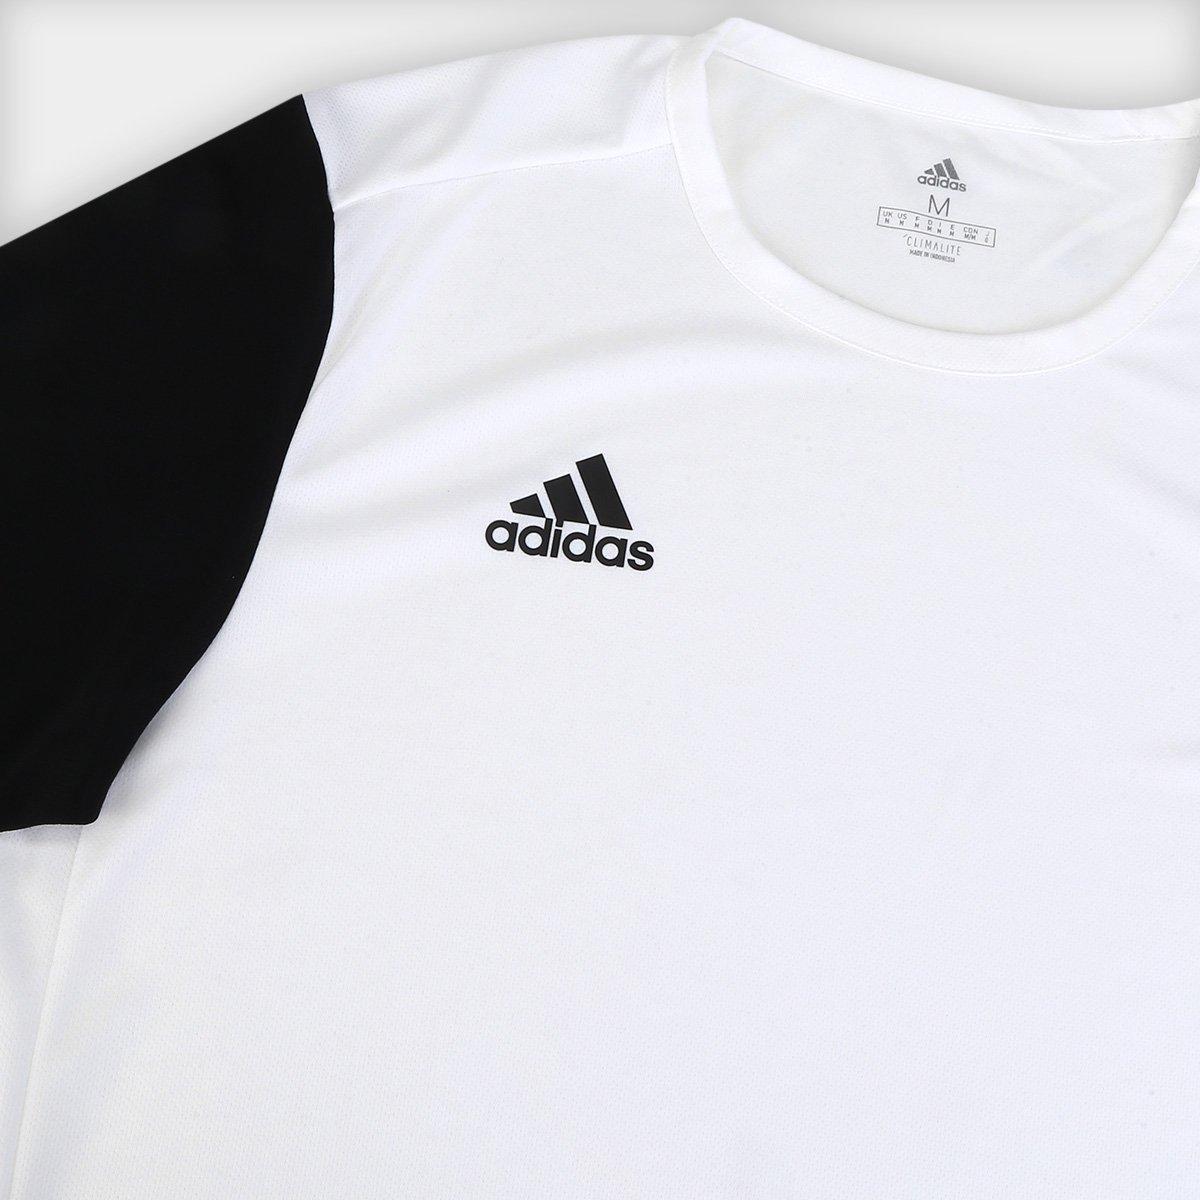 Camiseta Adidas Estro 19 Masculina Branco e Preto